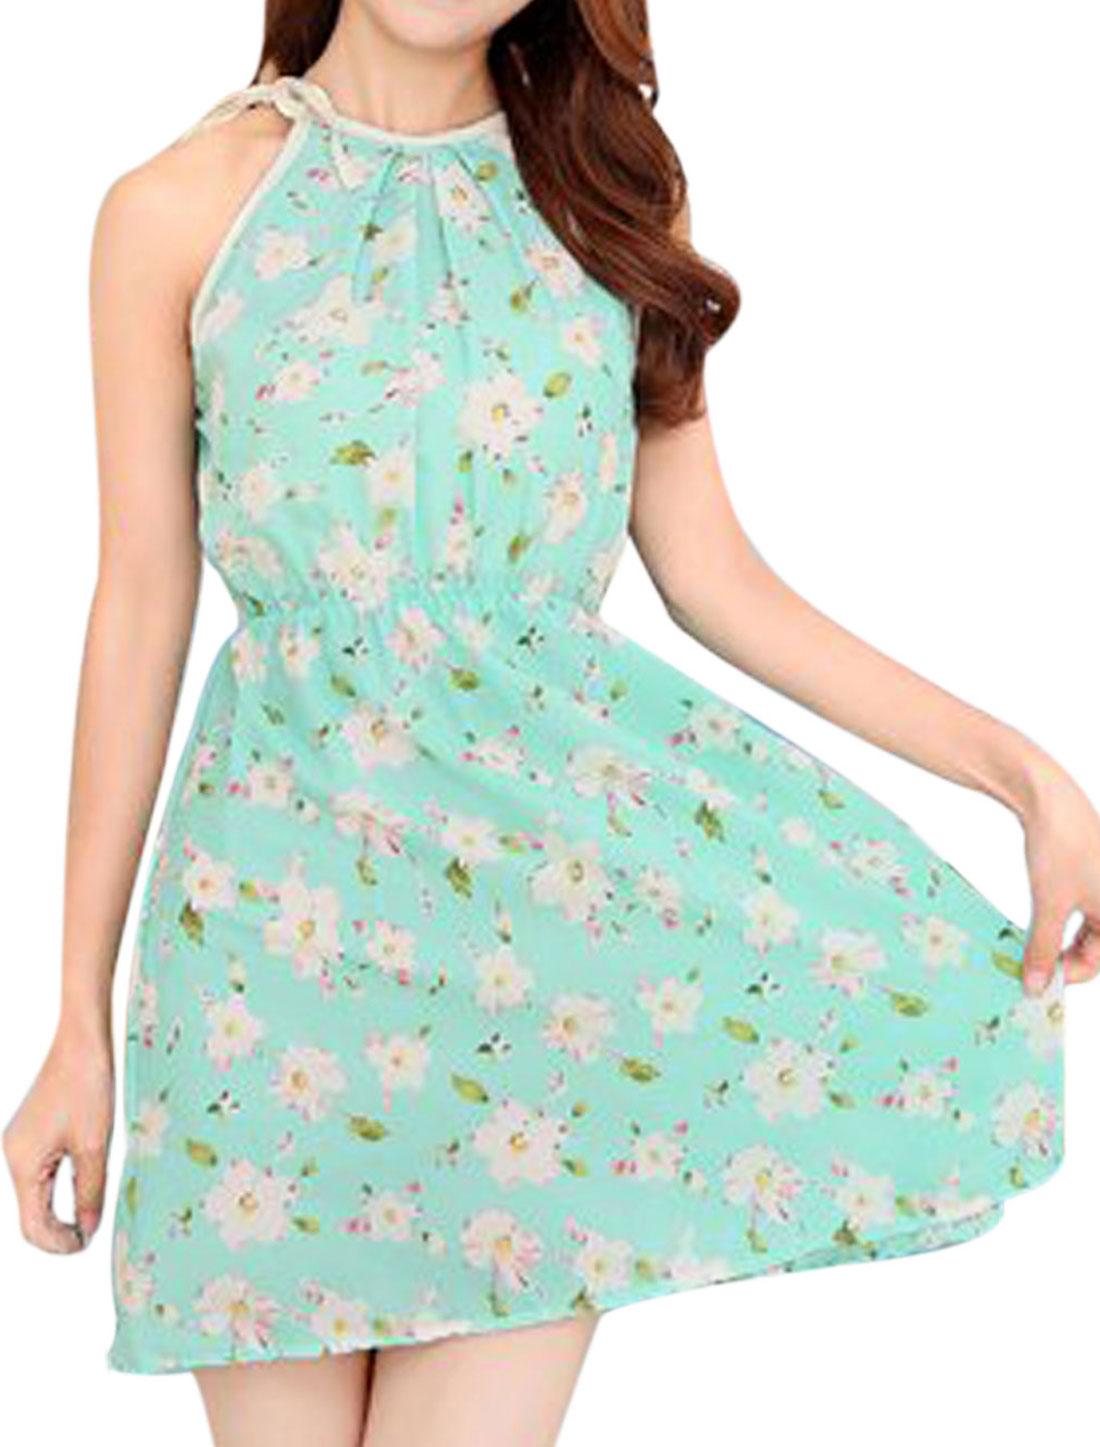 Ladies Floral Prints Cut Out Back Self Tie Detail A Line Dress Mint XS